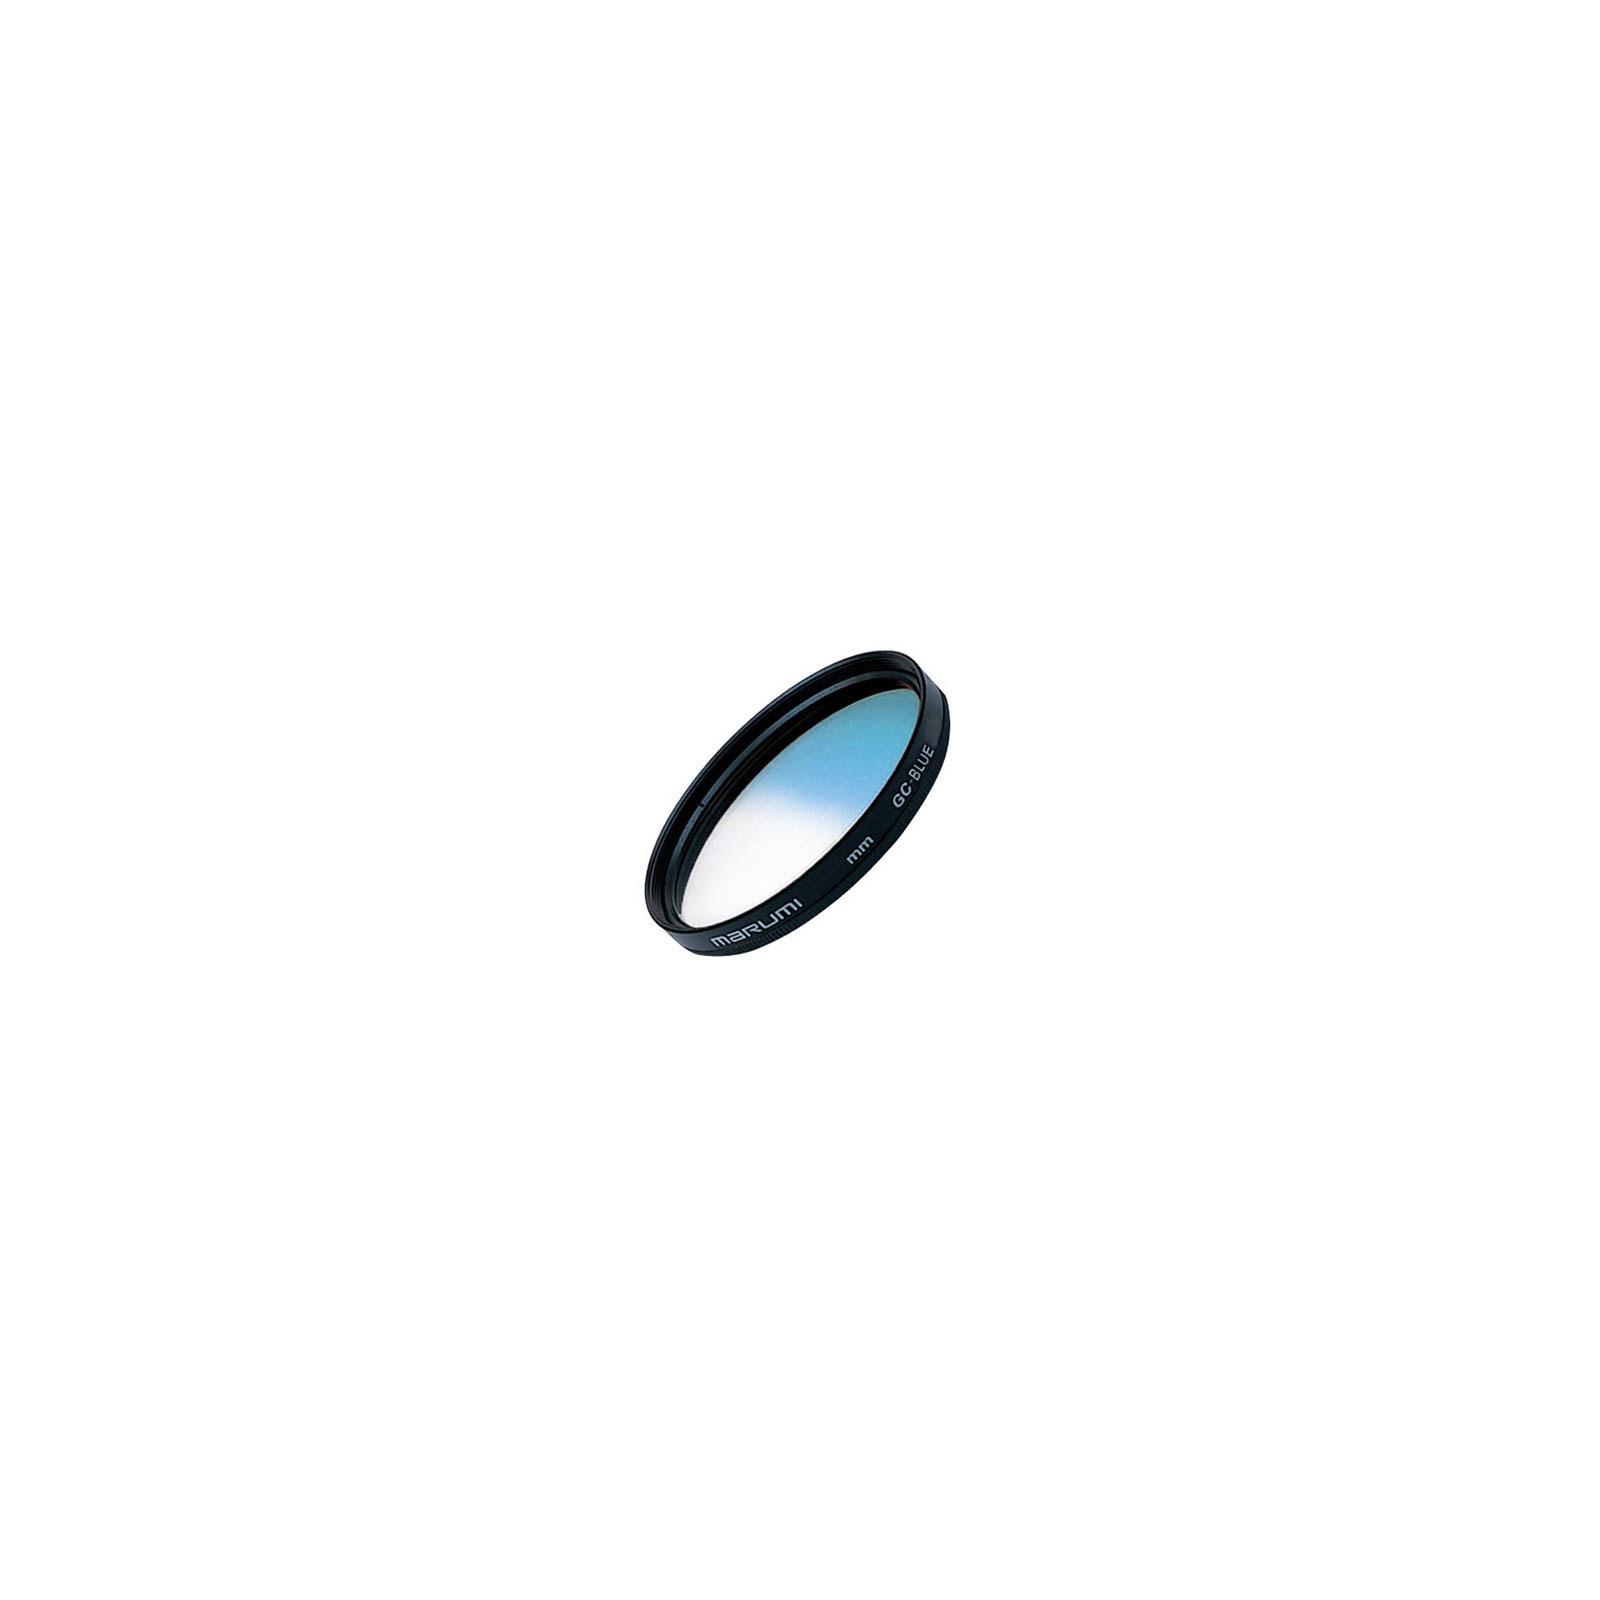 Светофильтр Marumi GC-Blue 49mm